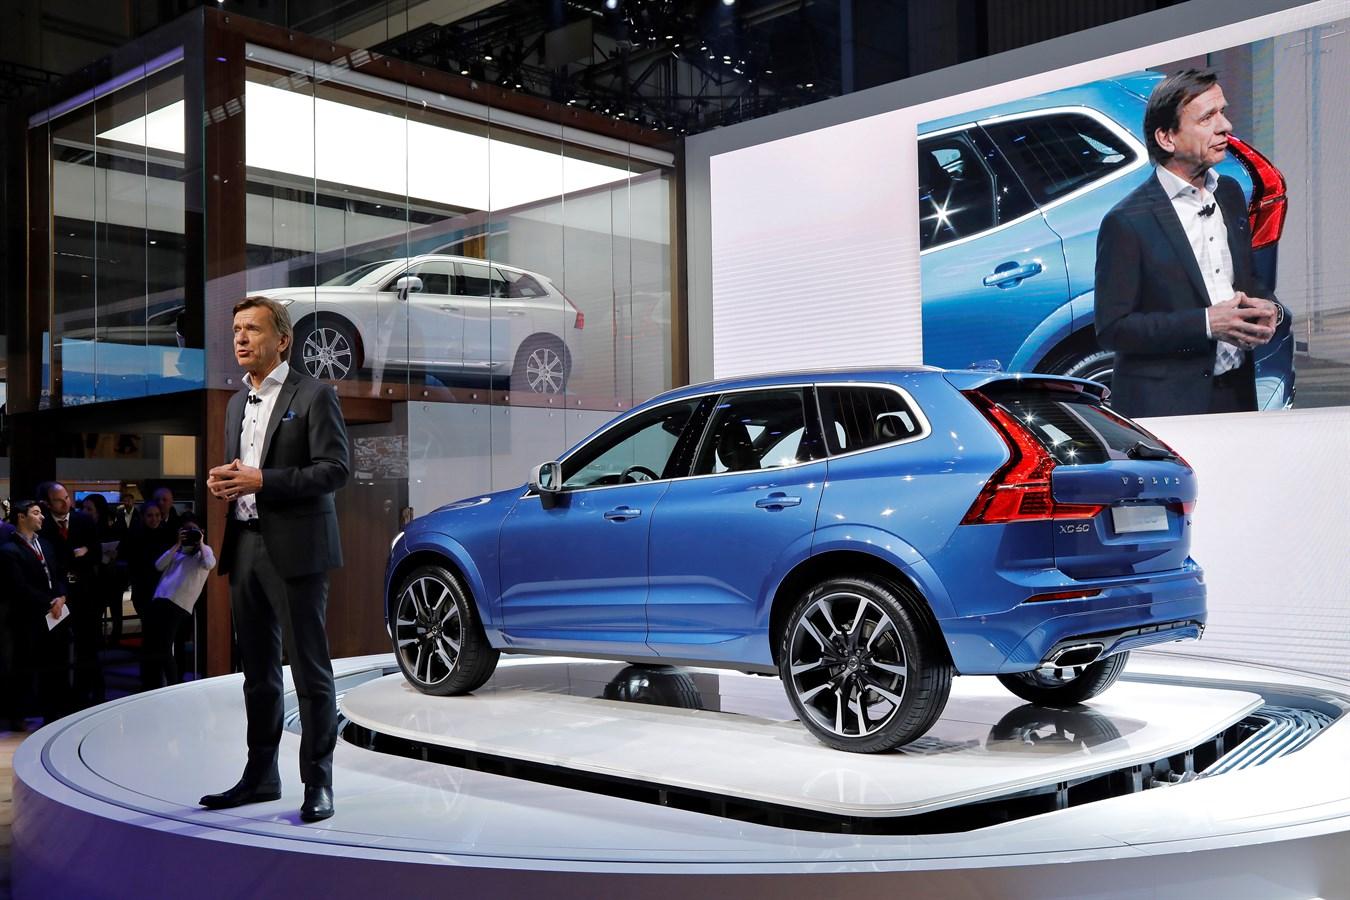 Nouveau Volvo XC60 Salon de Genève & Hakan Samuelsson President et CEO Volvo Car Group - 7 mars 2017 photo@Ace Team pour Volvo Car France, usage presse et réseaux sociaux exclusivement